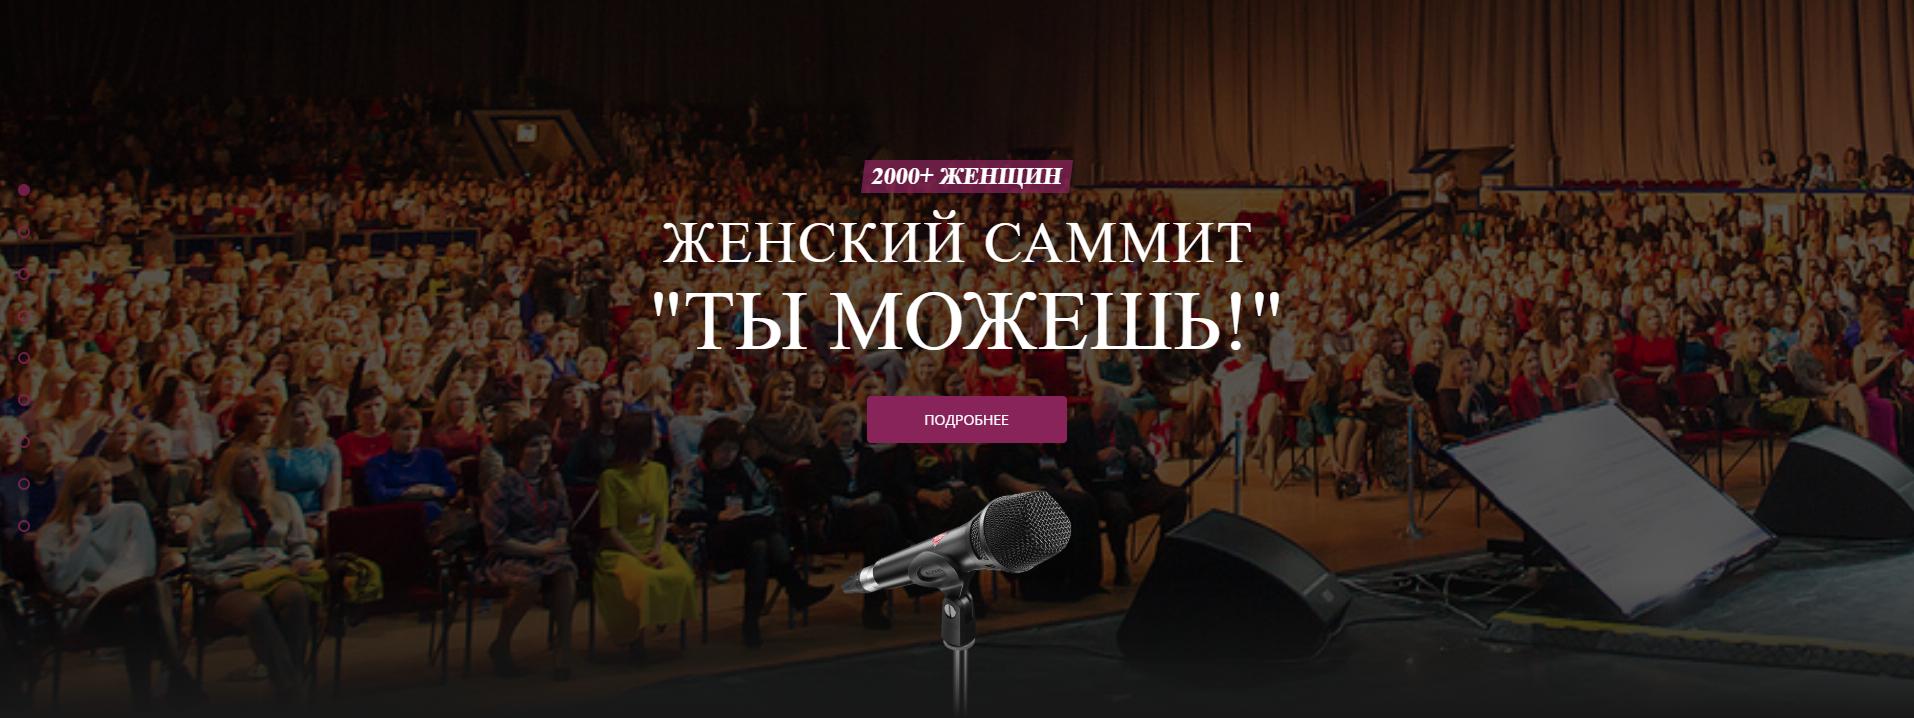 Женский саммит  «Ты можешь!»